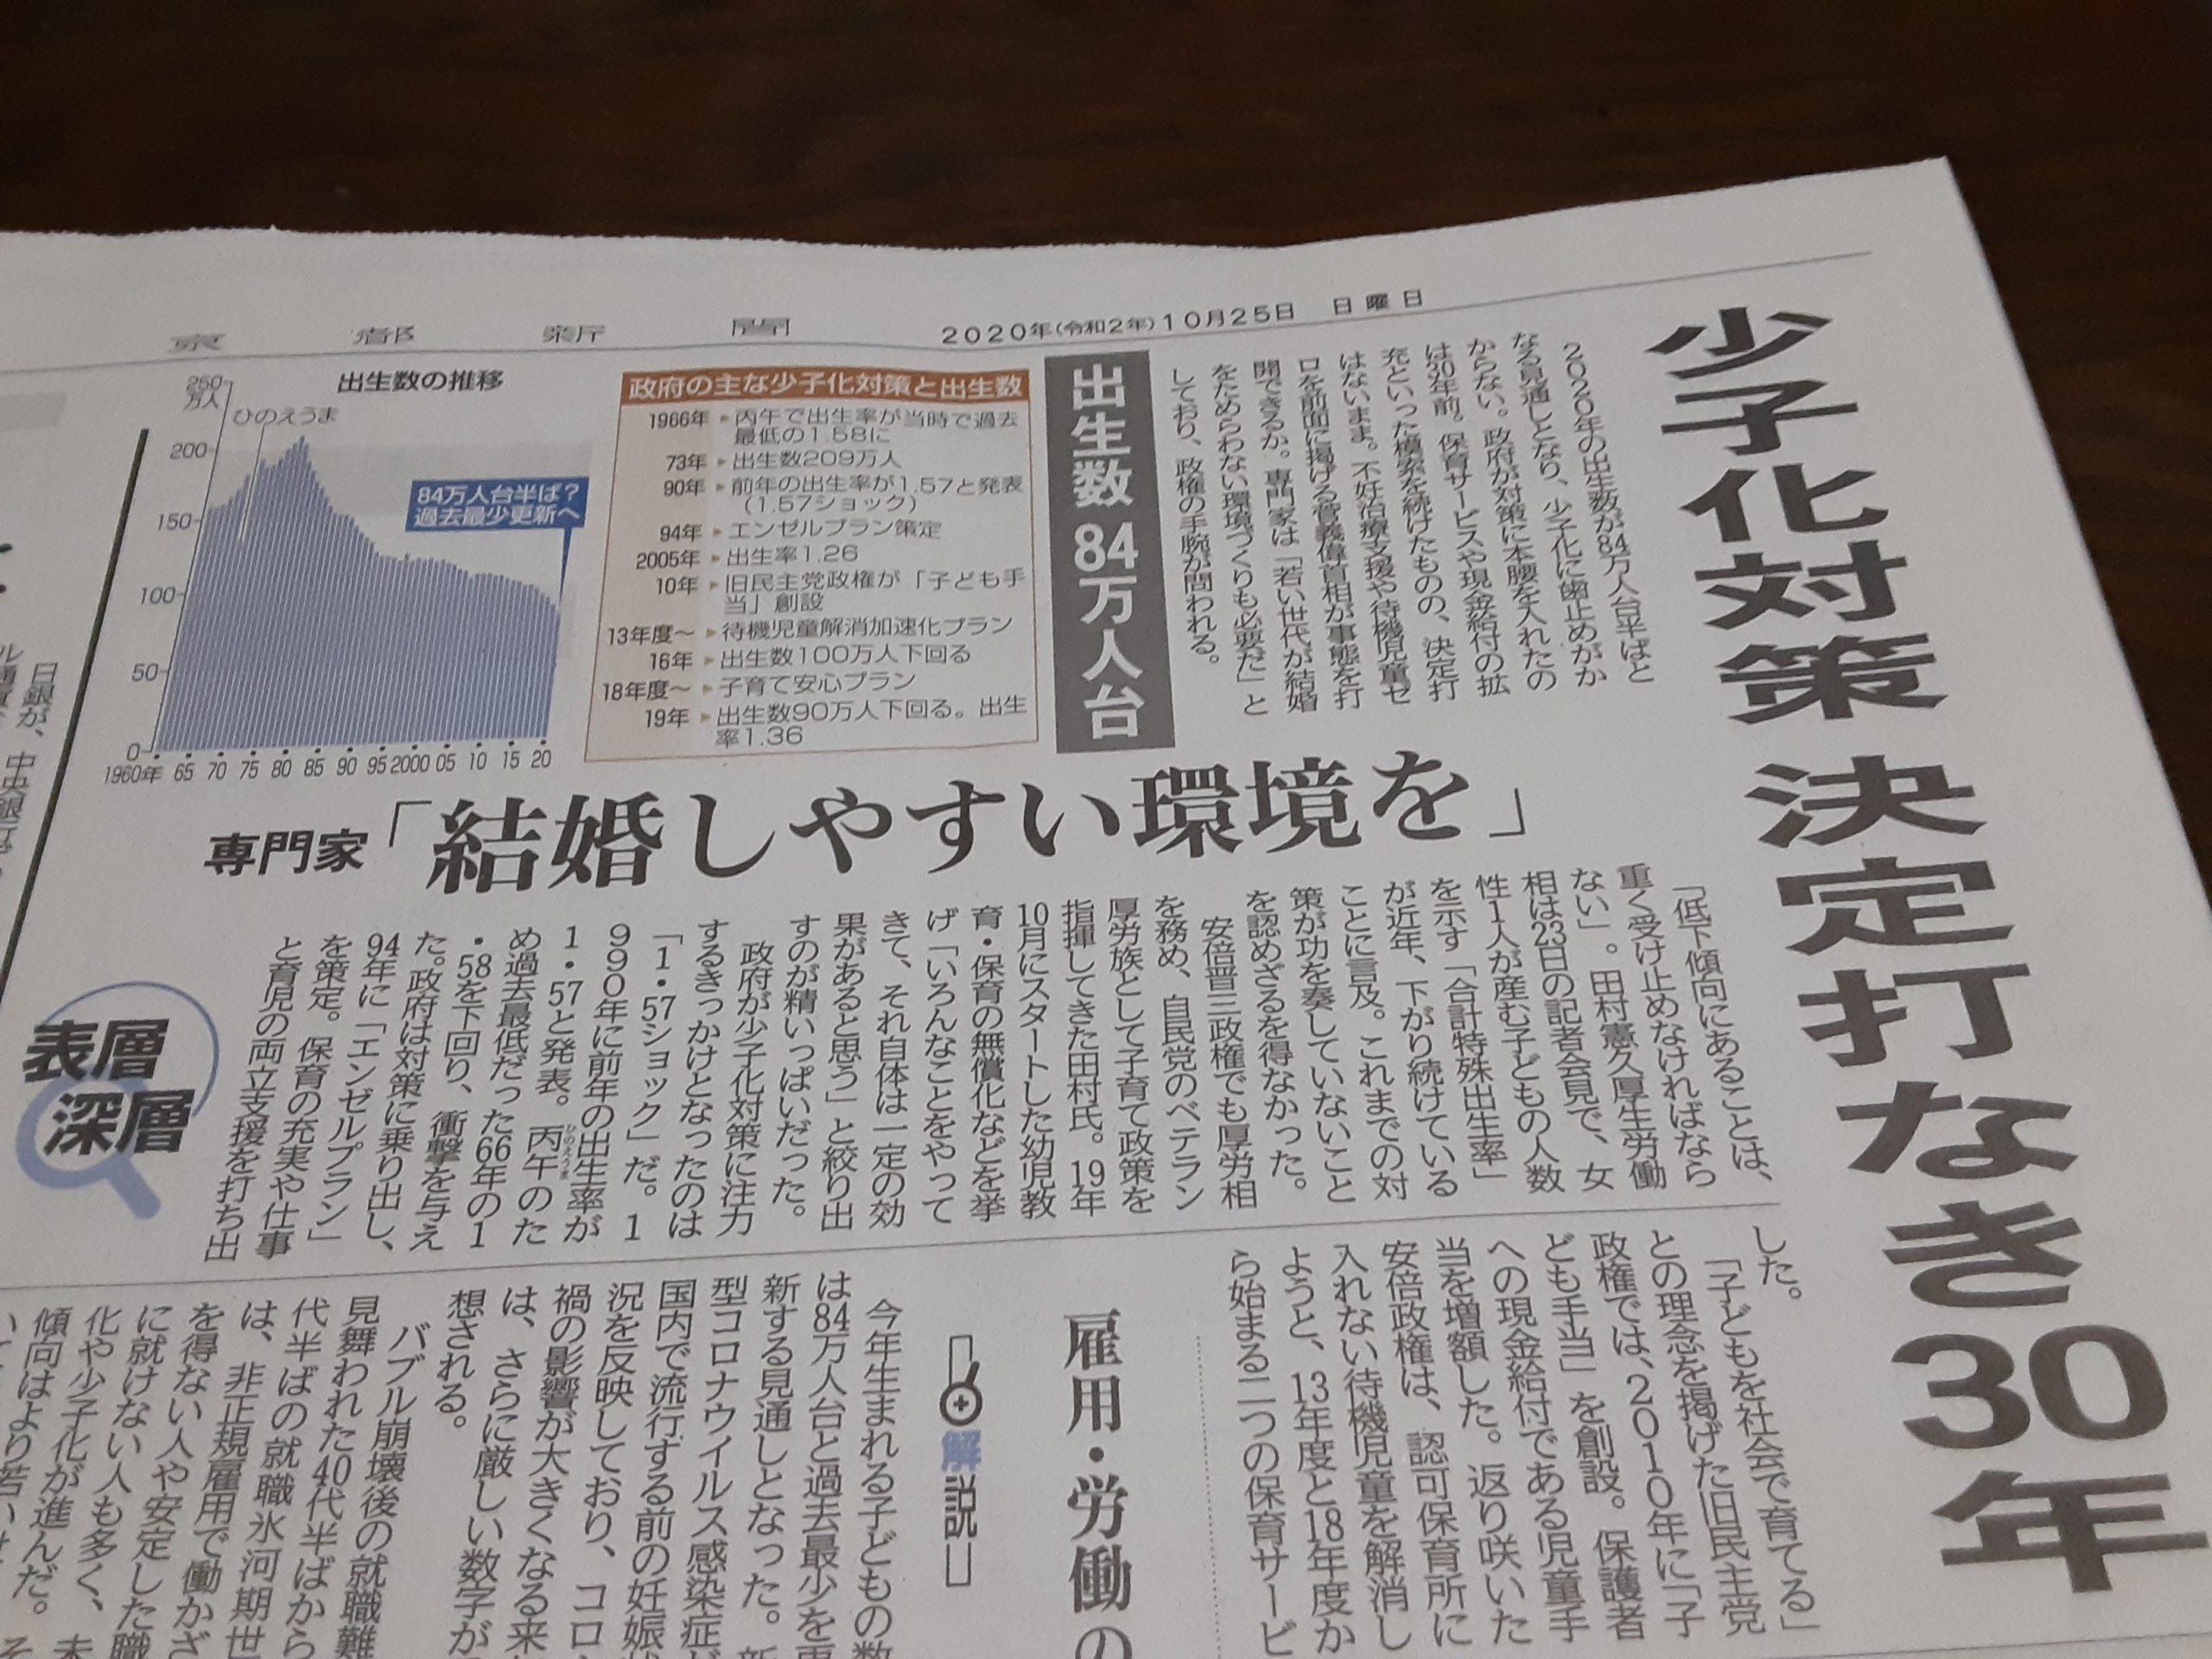 今朝の京都新聞には「日本の少子化の主因は未婚化だ❗」の記事内容がありました‼️